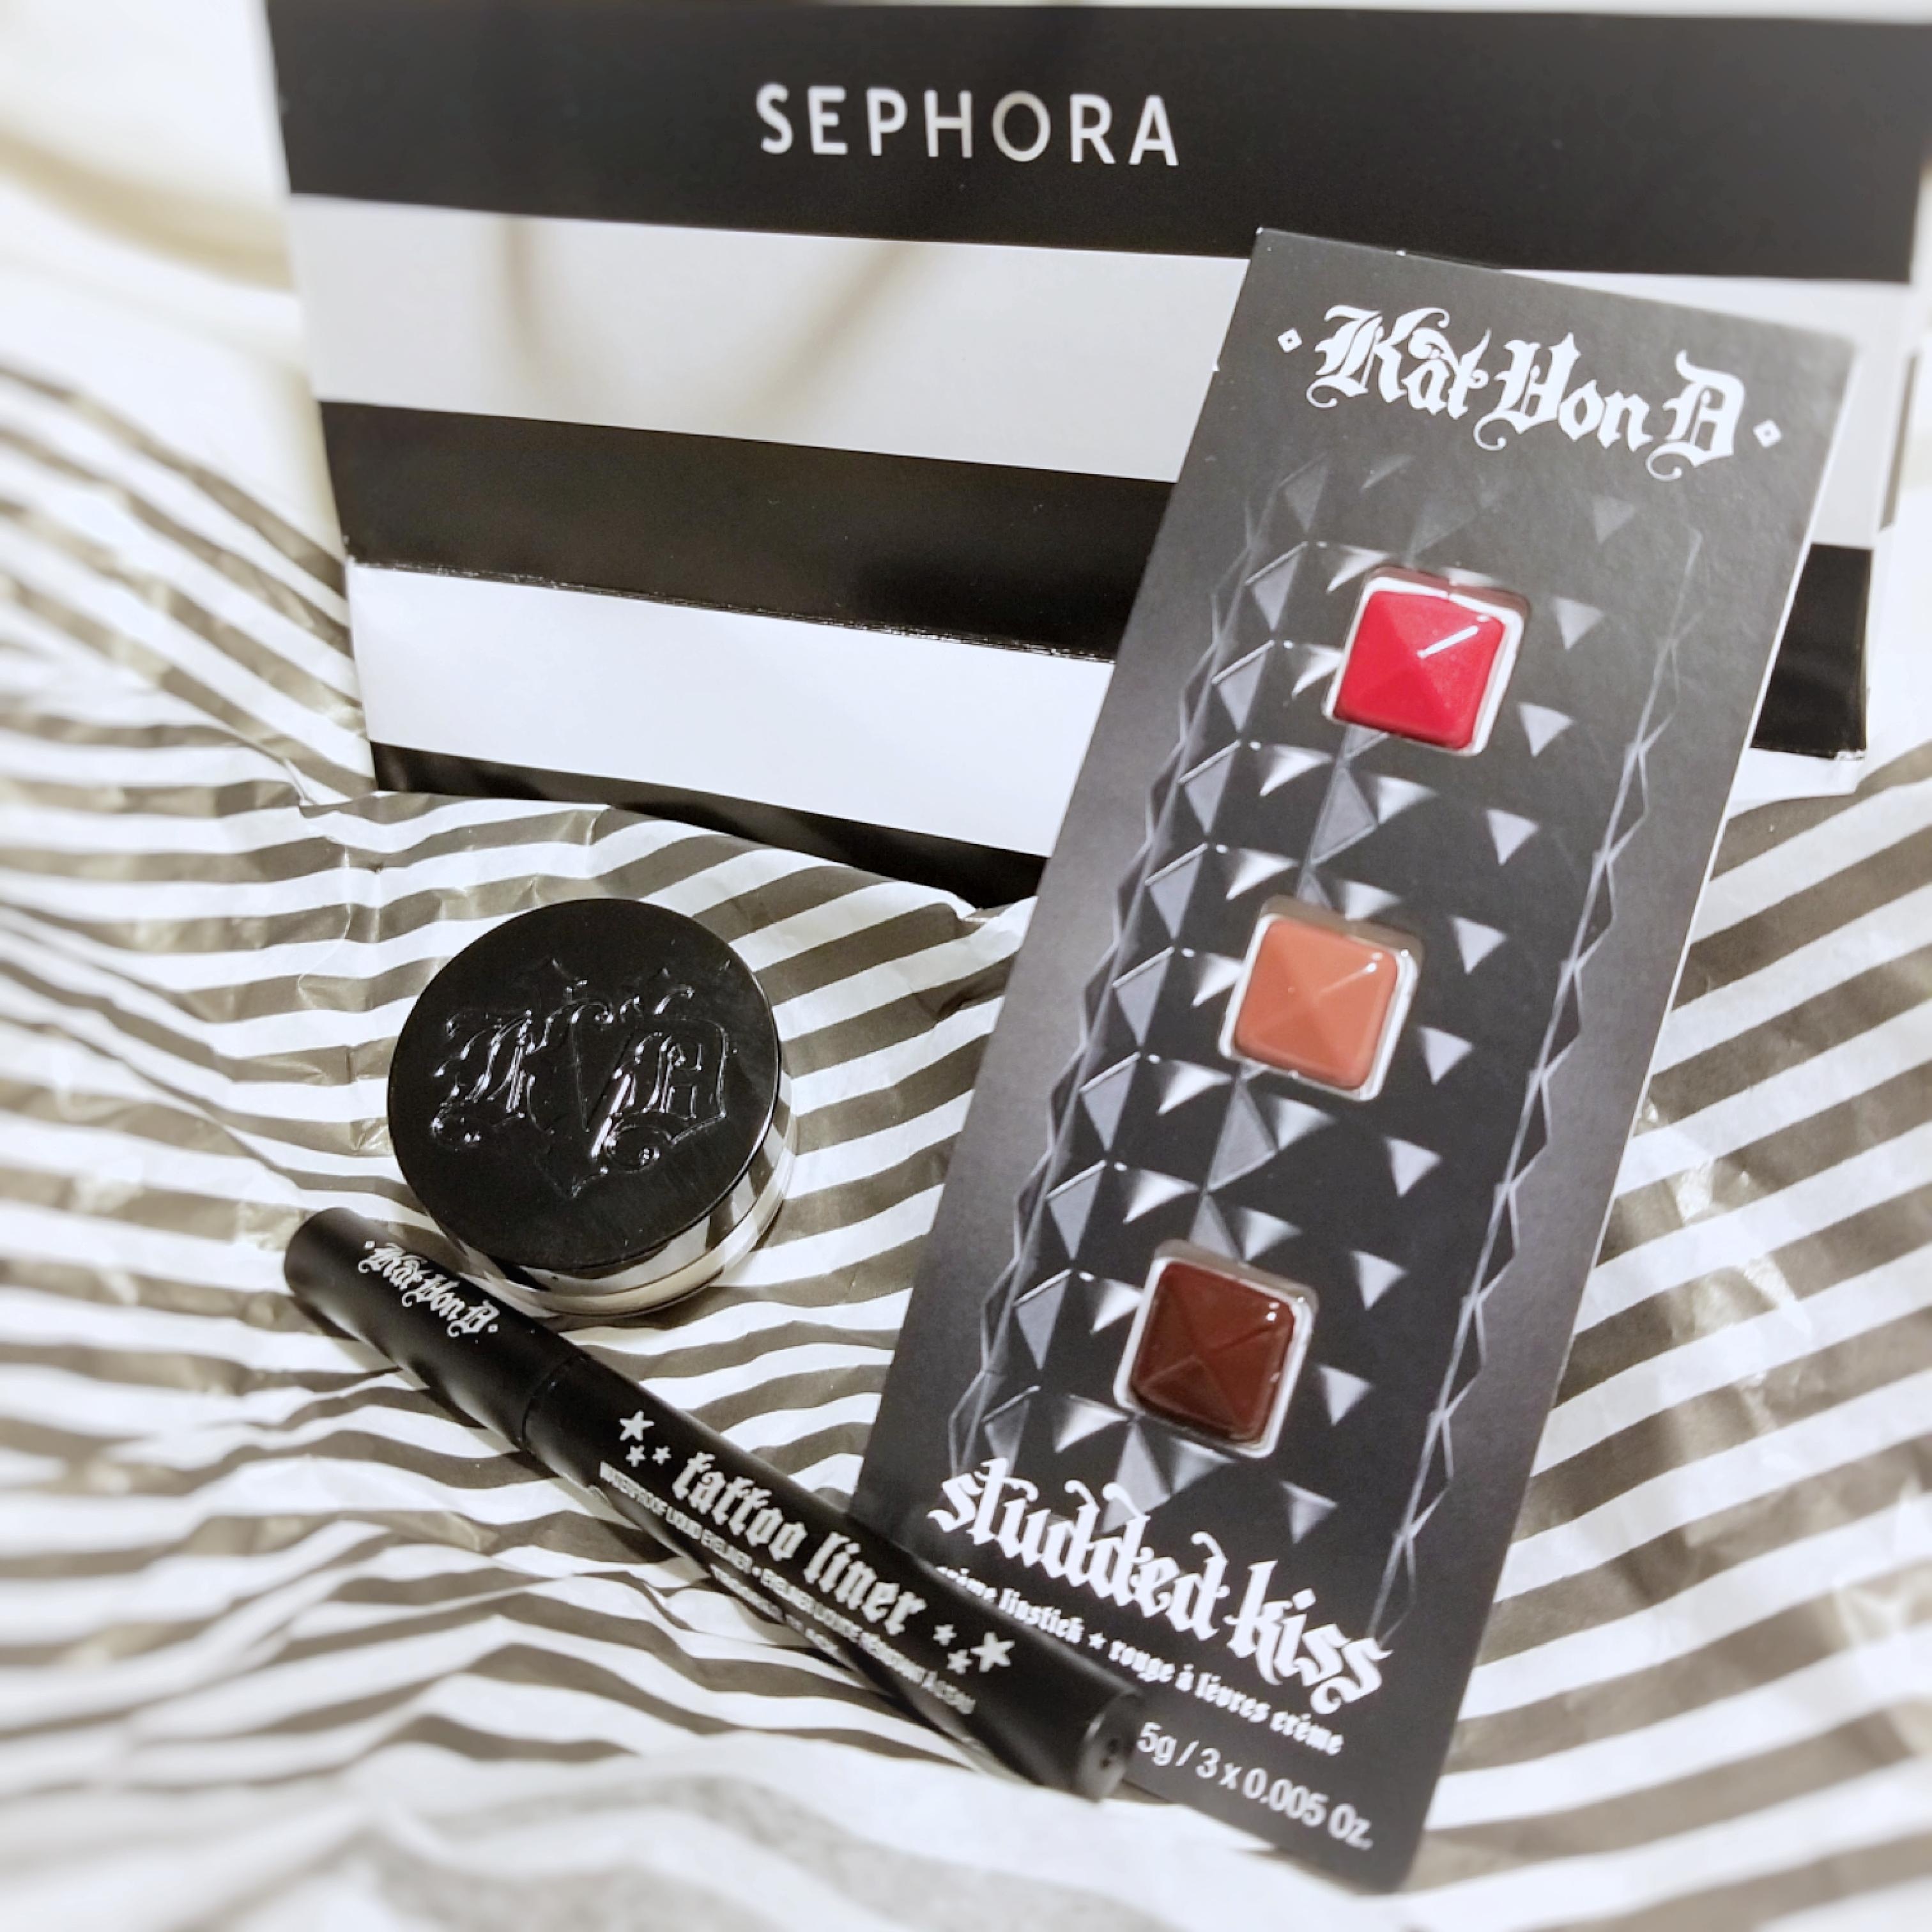 2019 Sephora Birthday Gift